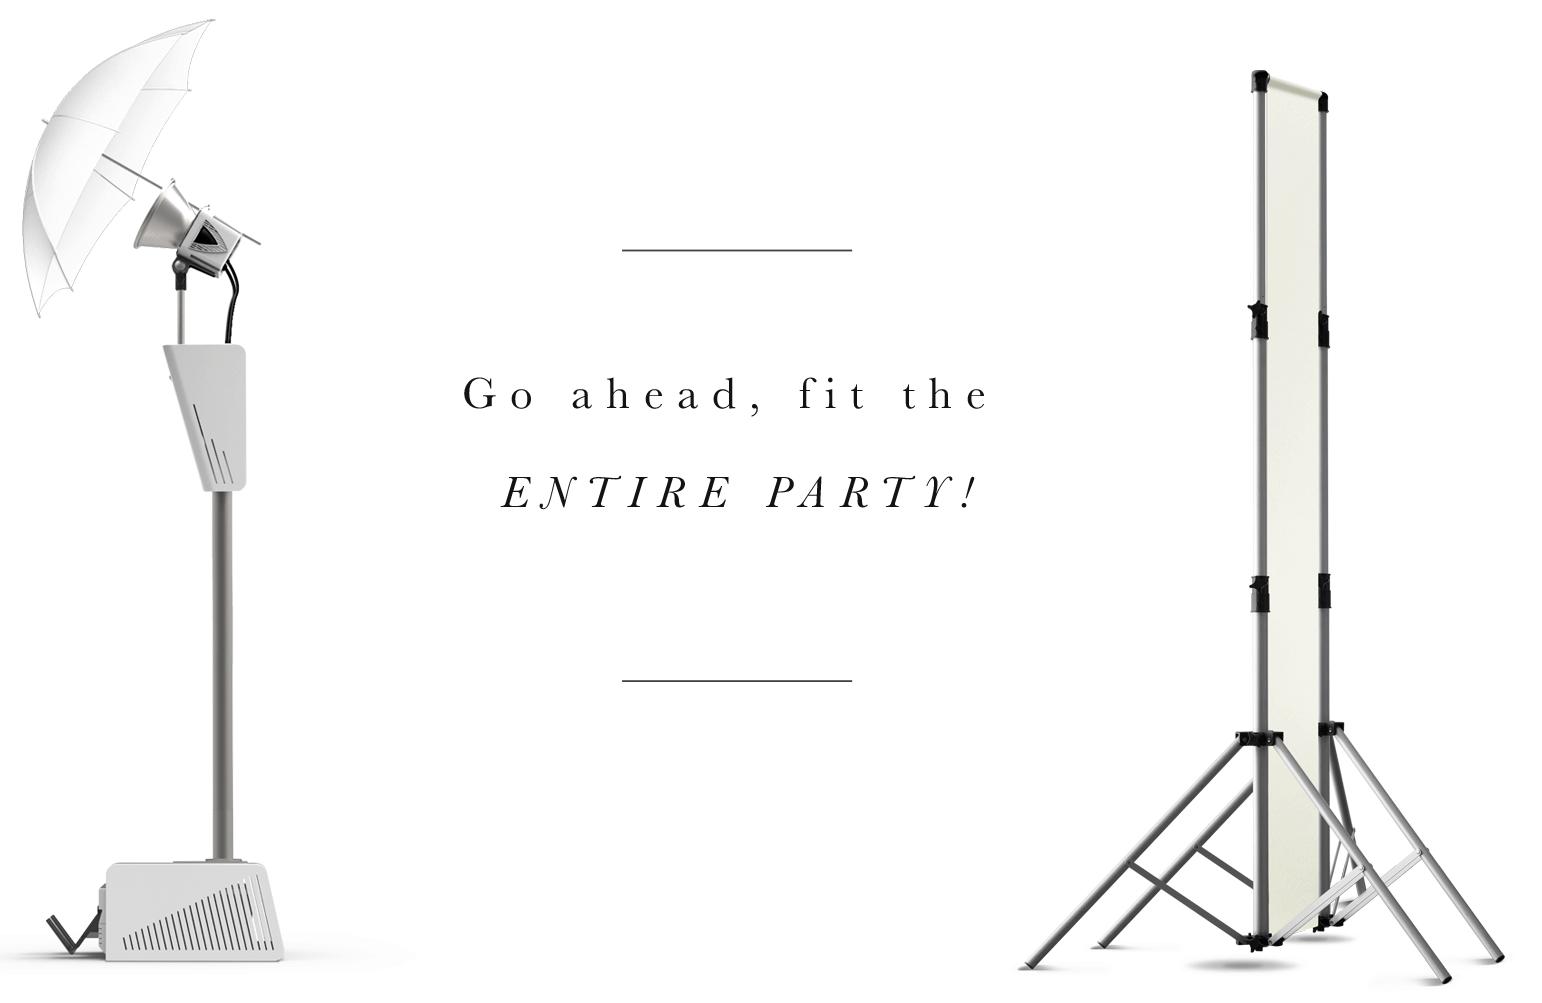 booth-setup.png